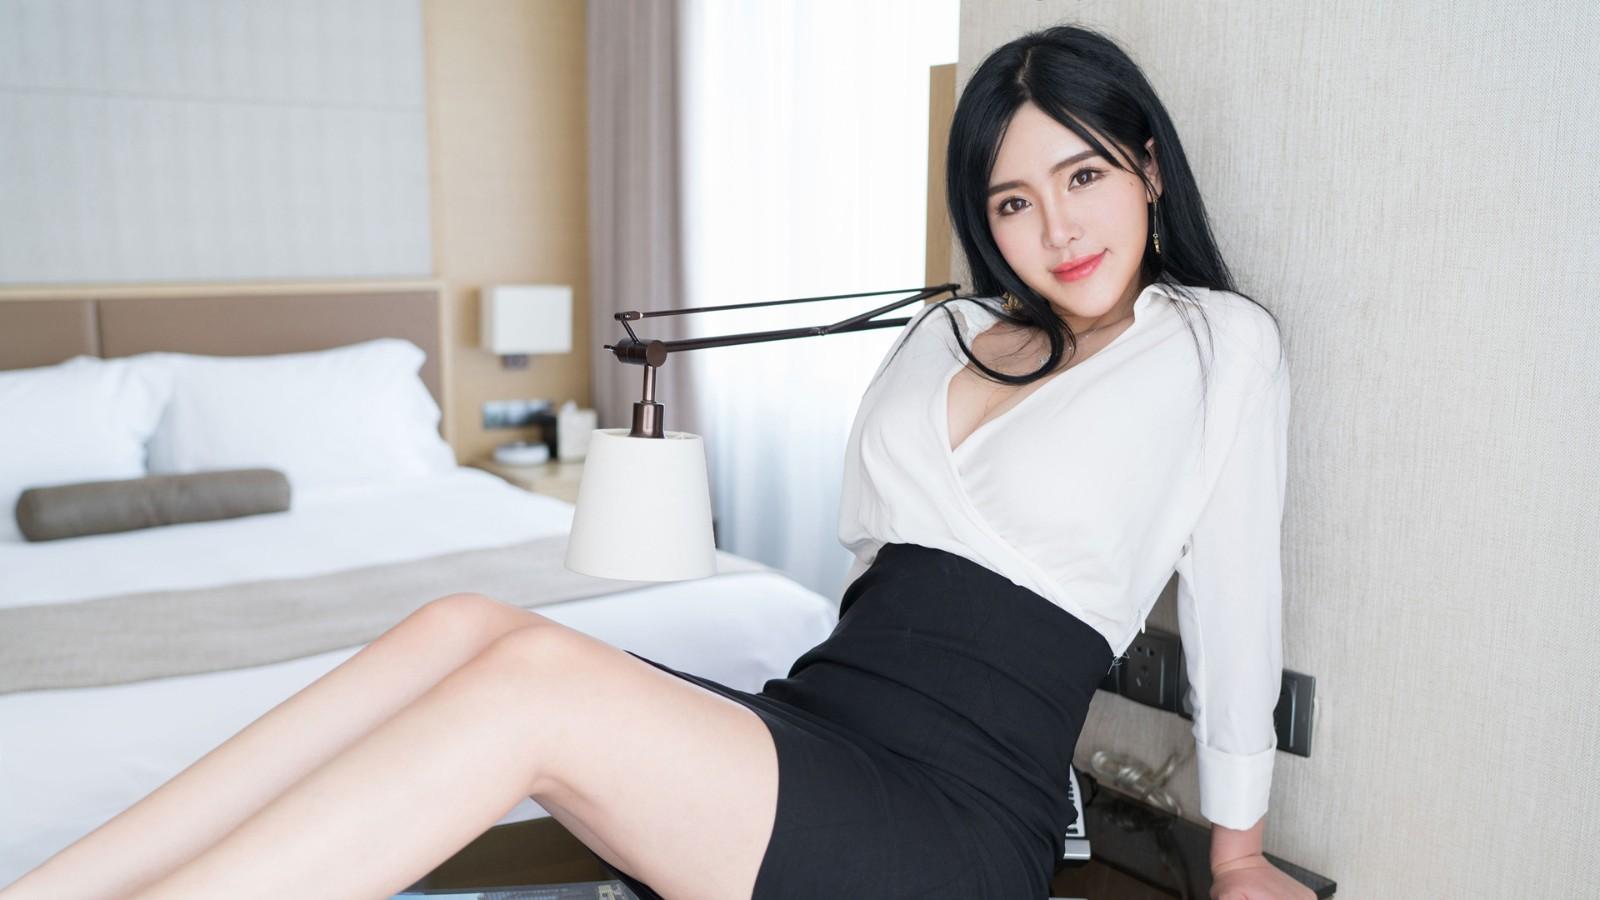 刘钰儿 白色衬衫黑色短裙美女壁纸